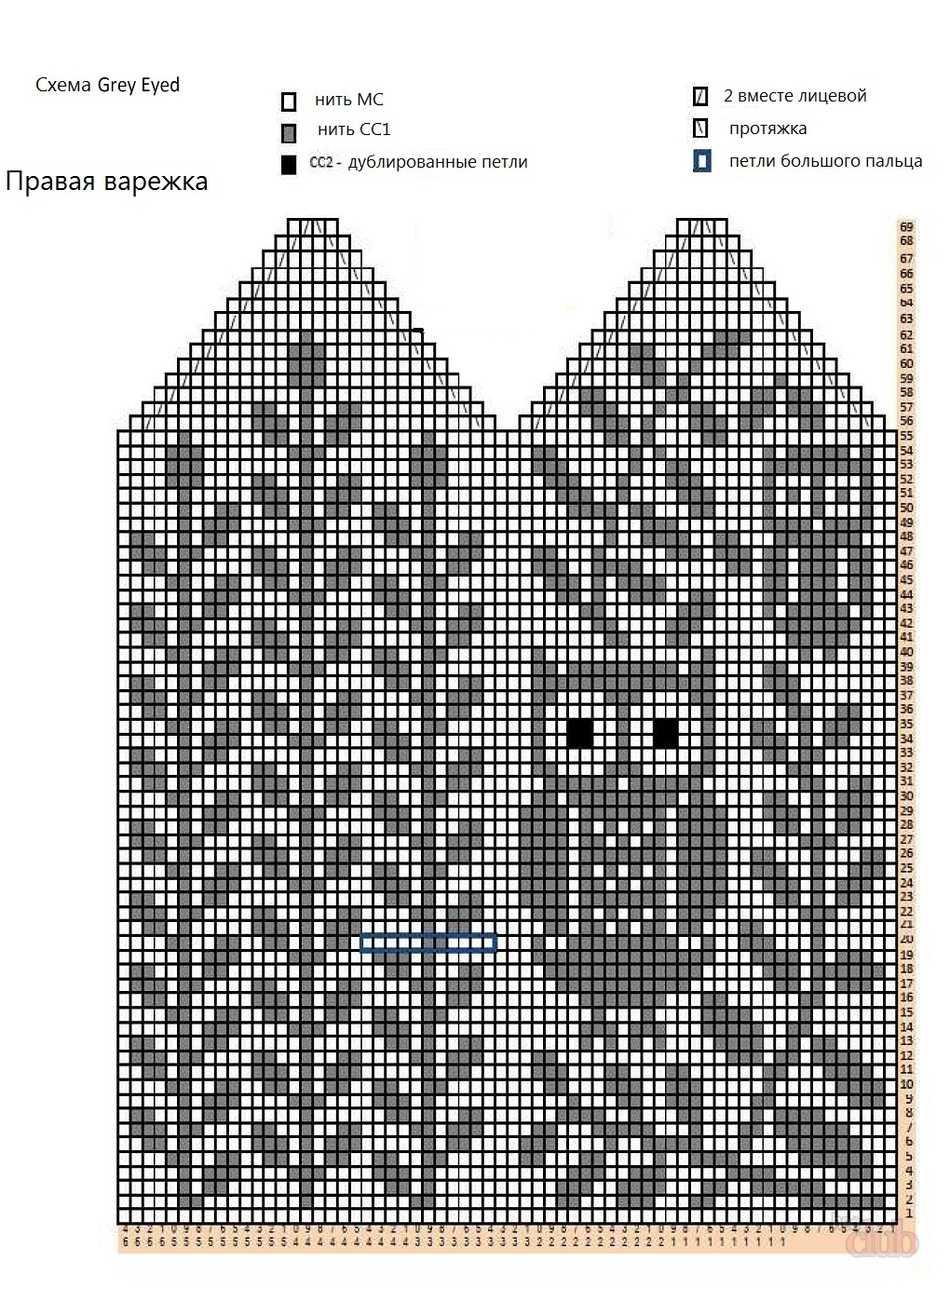 Адаптер rs 485 схема